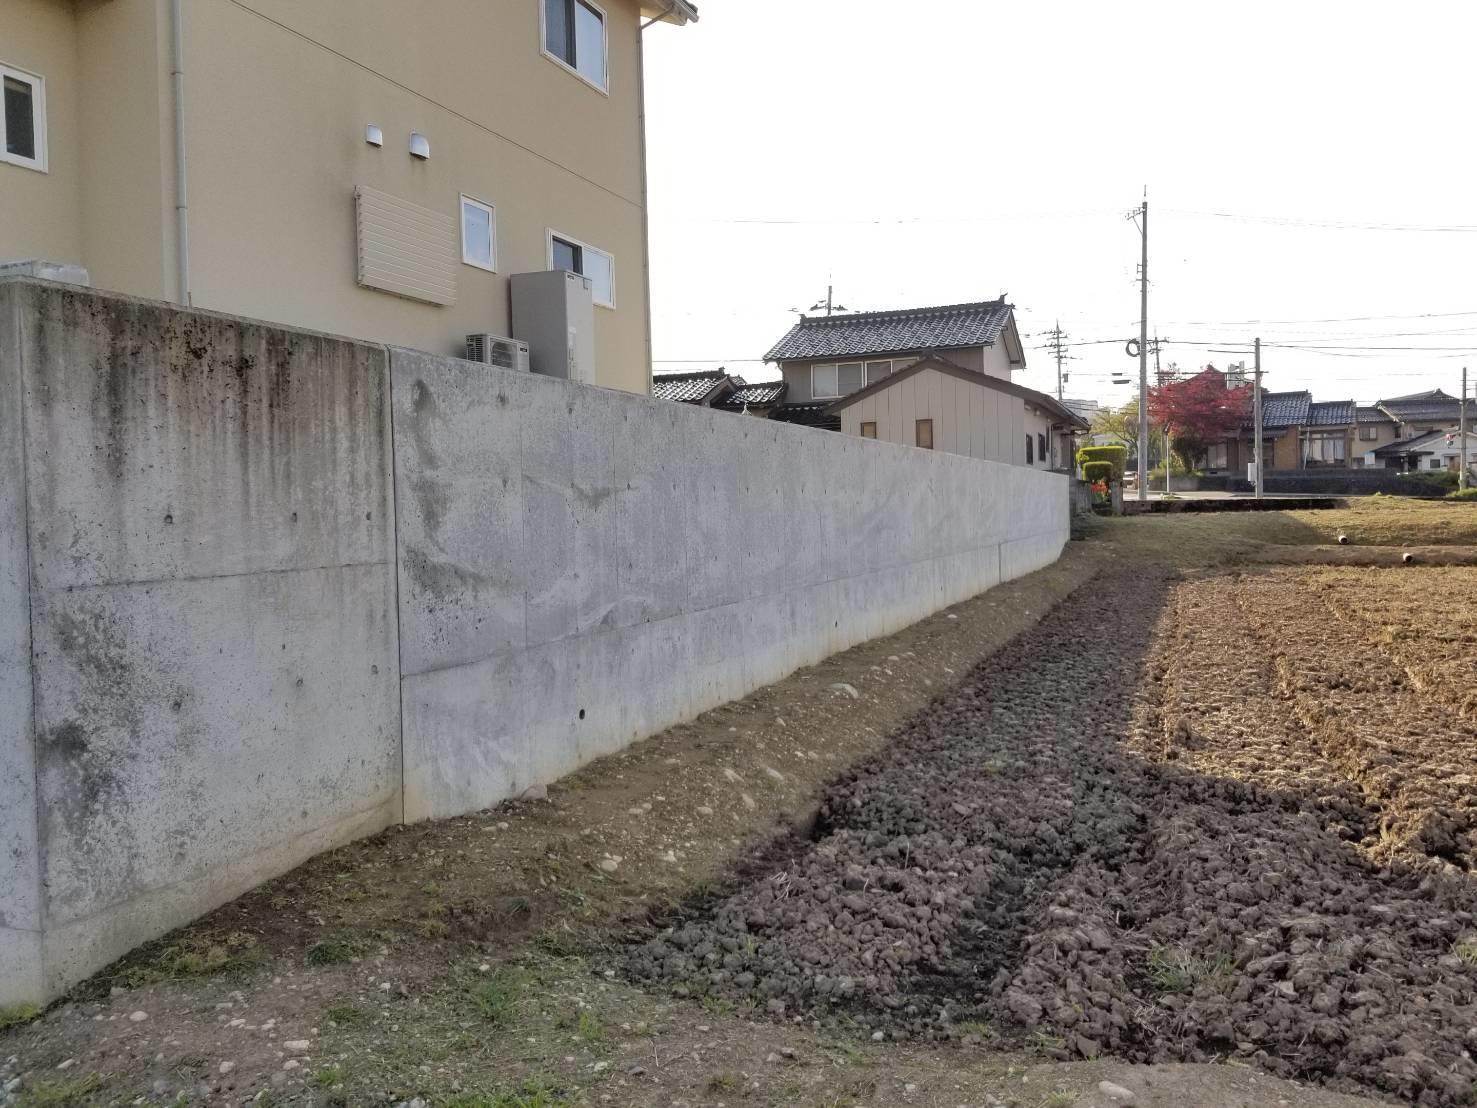 K様邸 境界擁壁工事.jpg